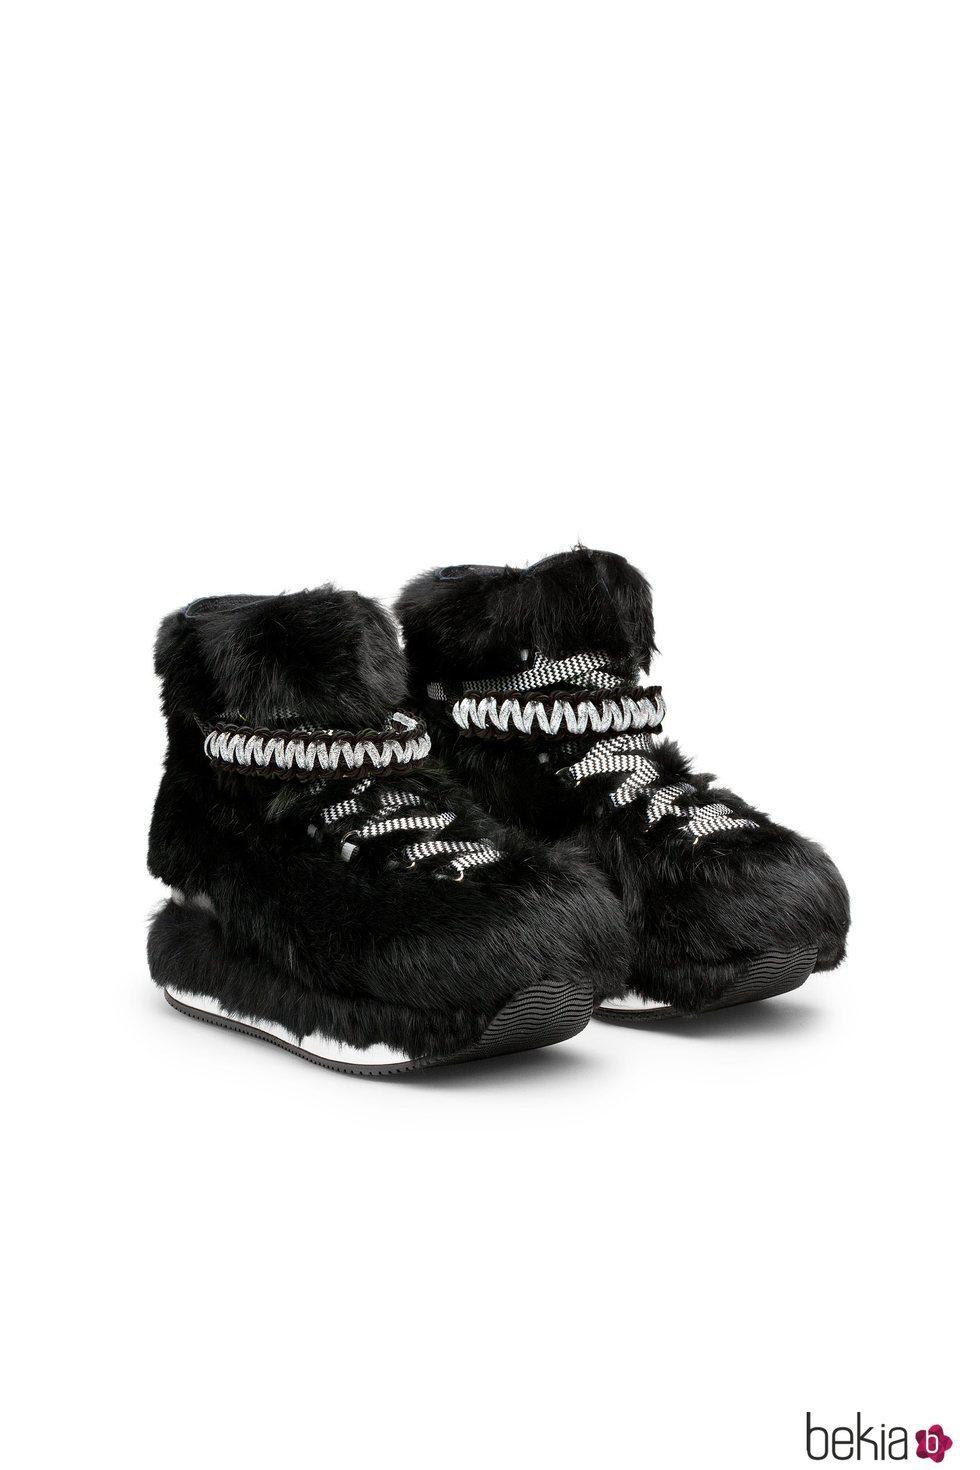 Botas negras de pelo de la colección Furry de Hogan para el otoño/invierno 2018